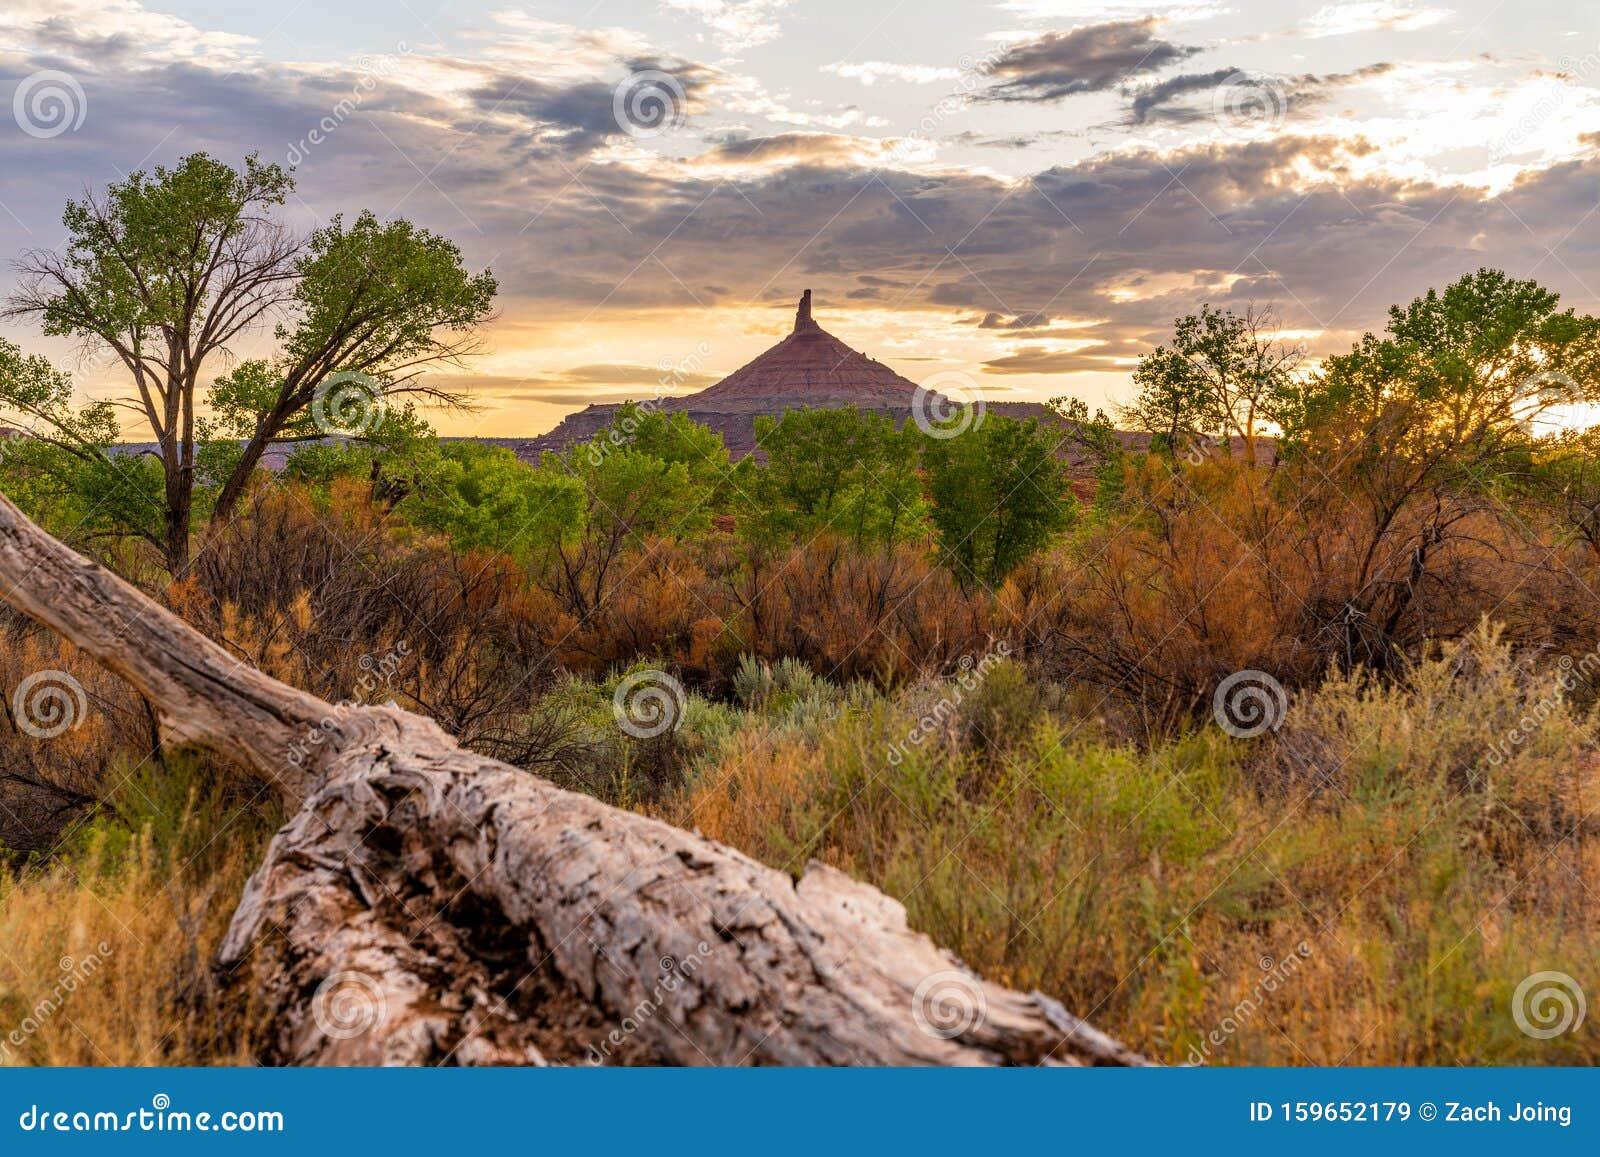 Wild Landscapes Of Moab, Utah Stock Image - Image of ...